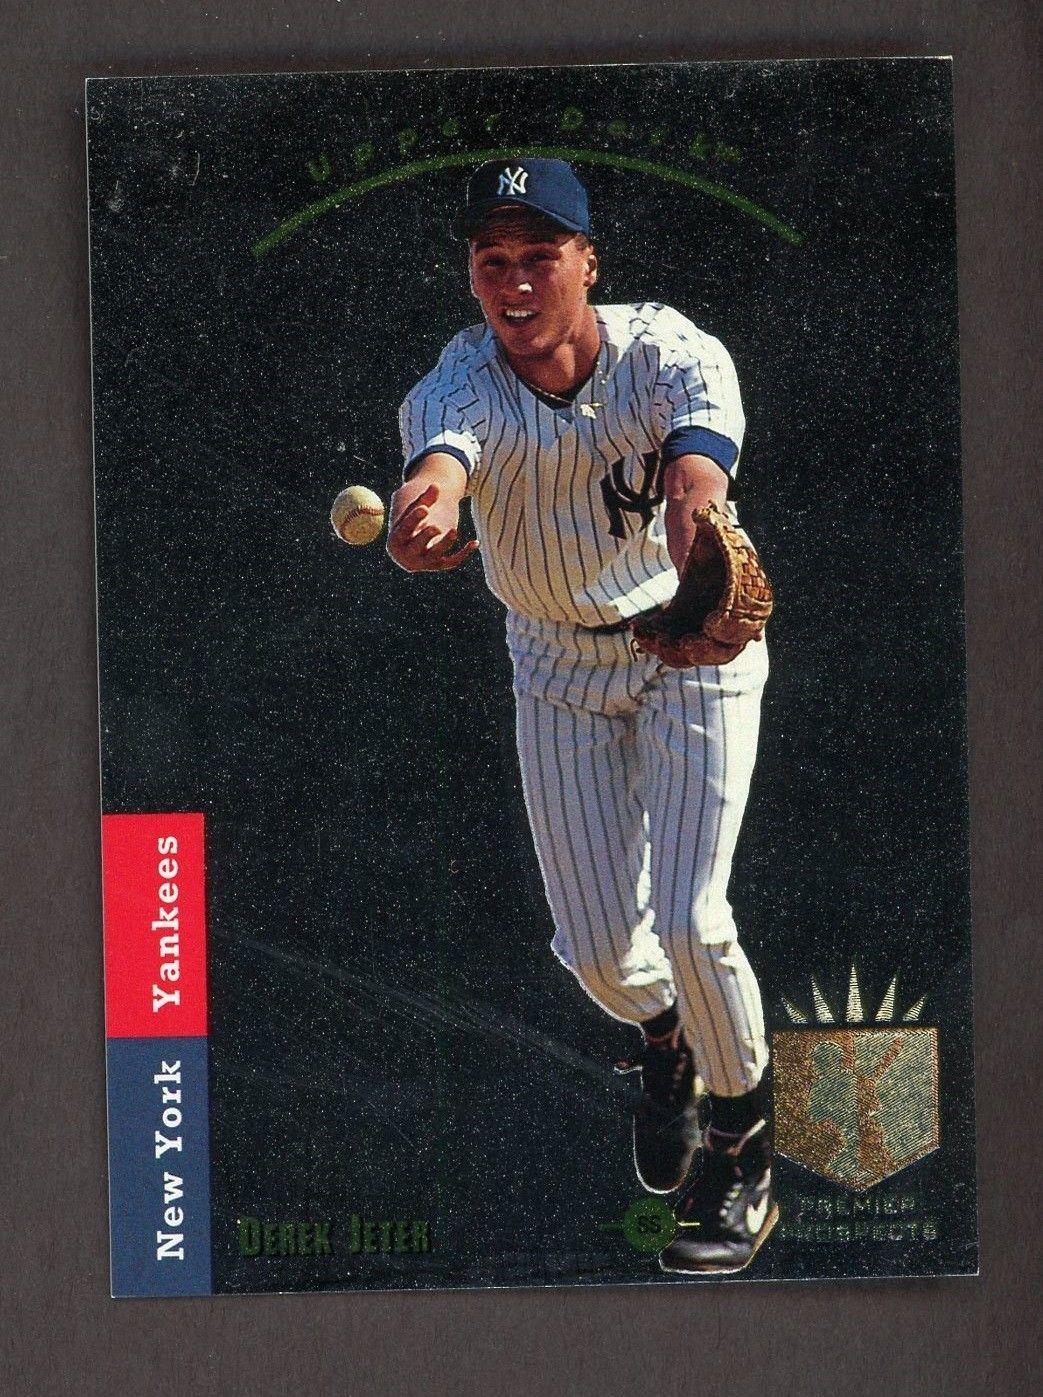 1993 sp foil 279 derek jeter new york yankees rc rookie